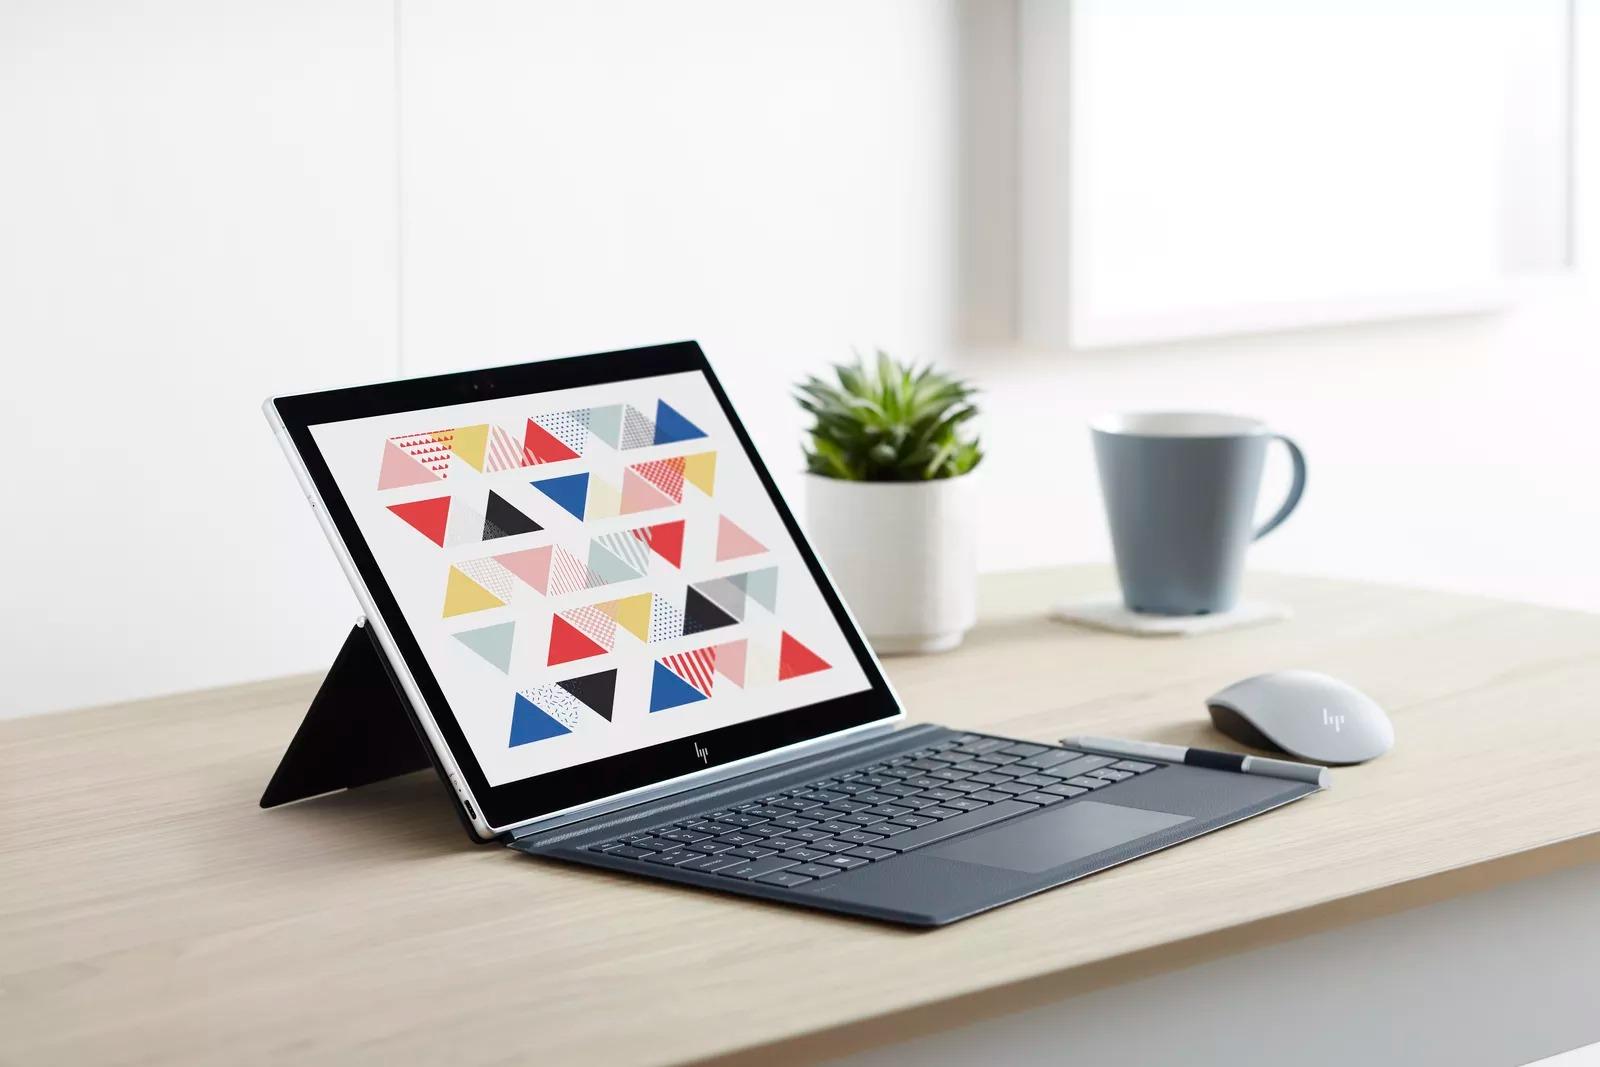 Qualcomm và Microsoft chính thức ra mắt laptop dùng chip Snapdragon 835, luôn luôn kết nối, pin dùng cả ngày